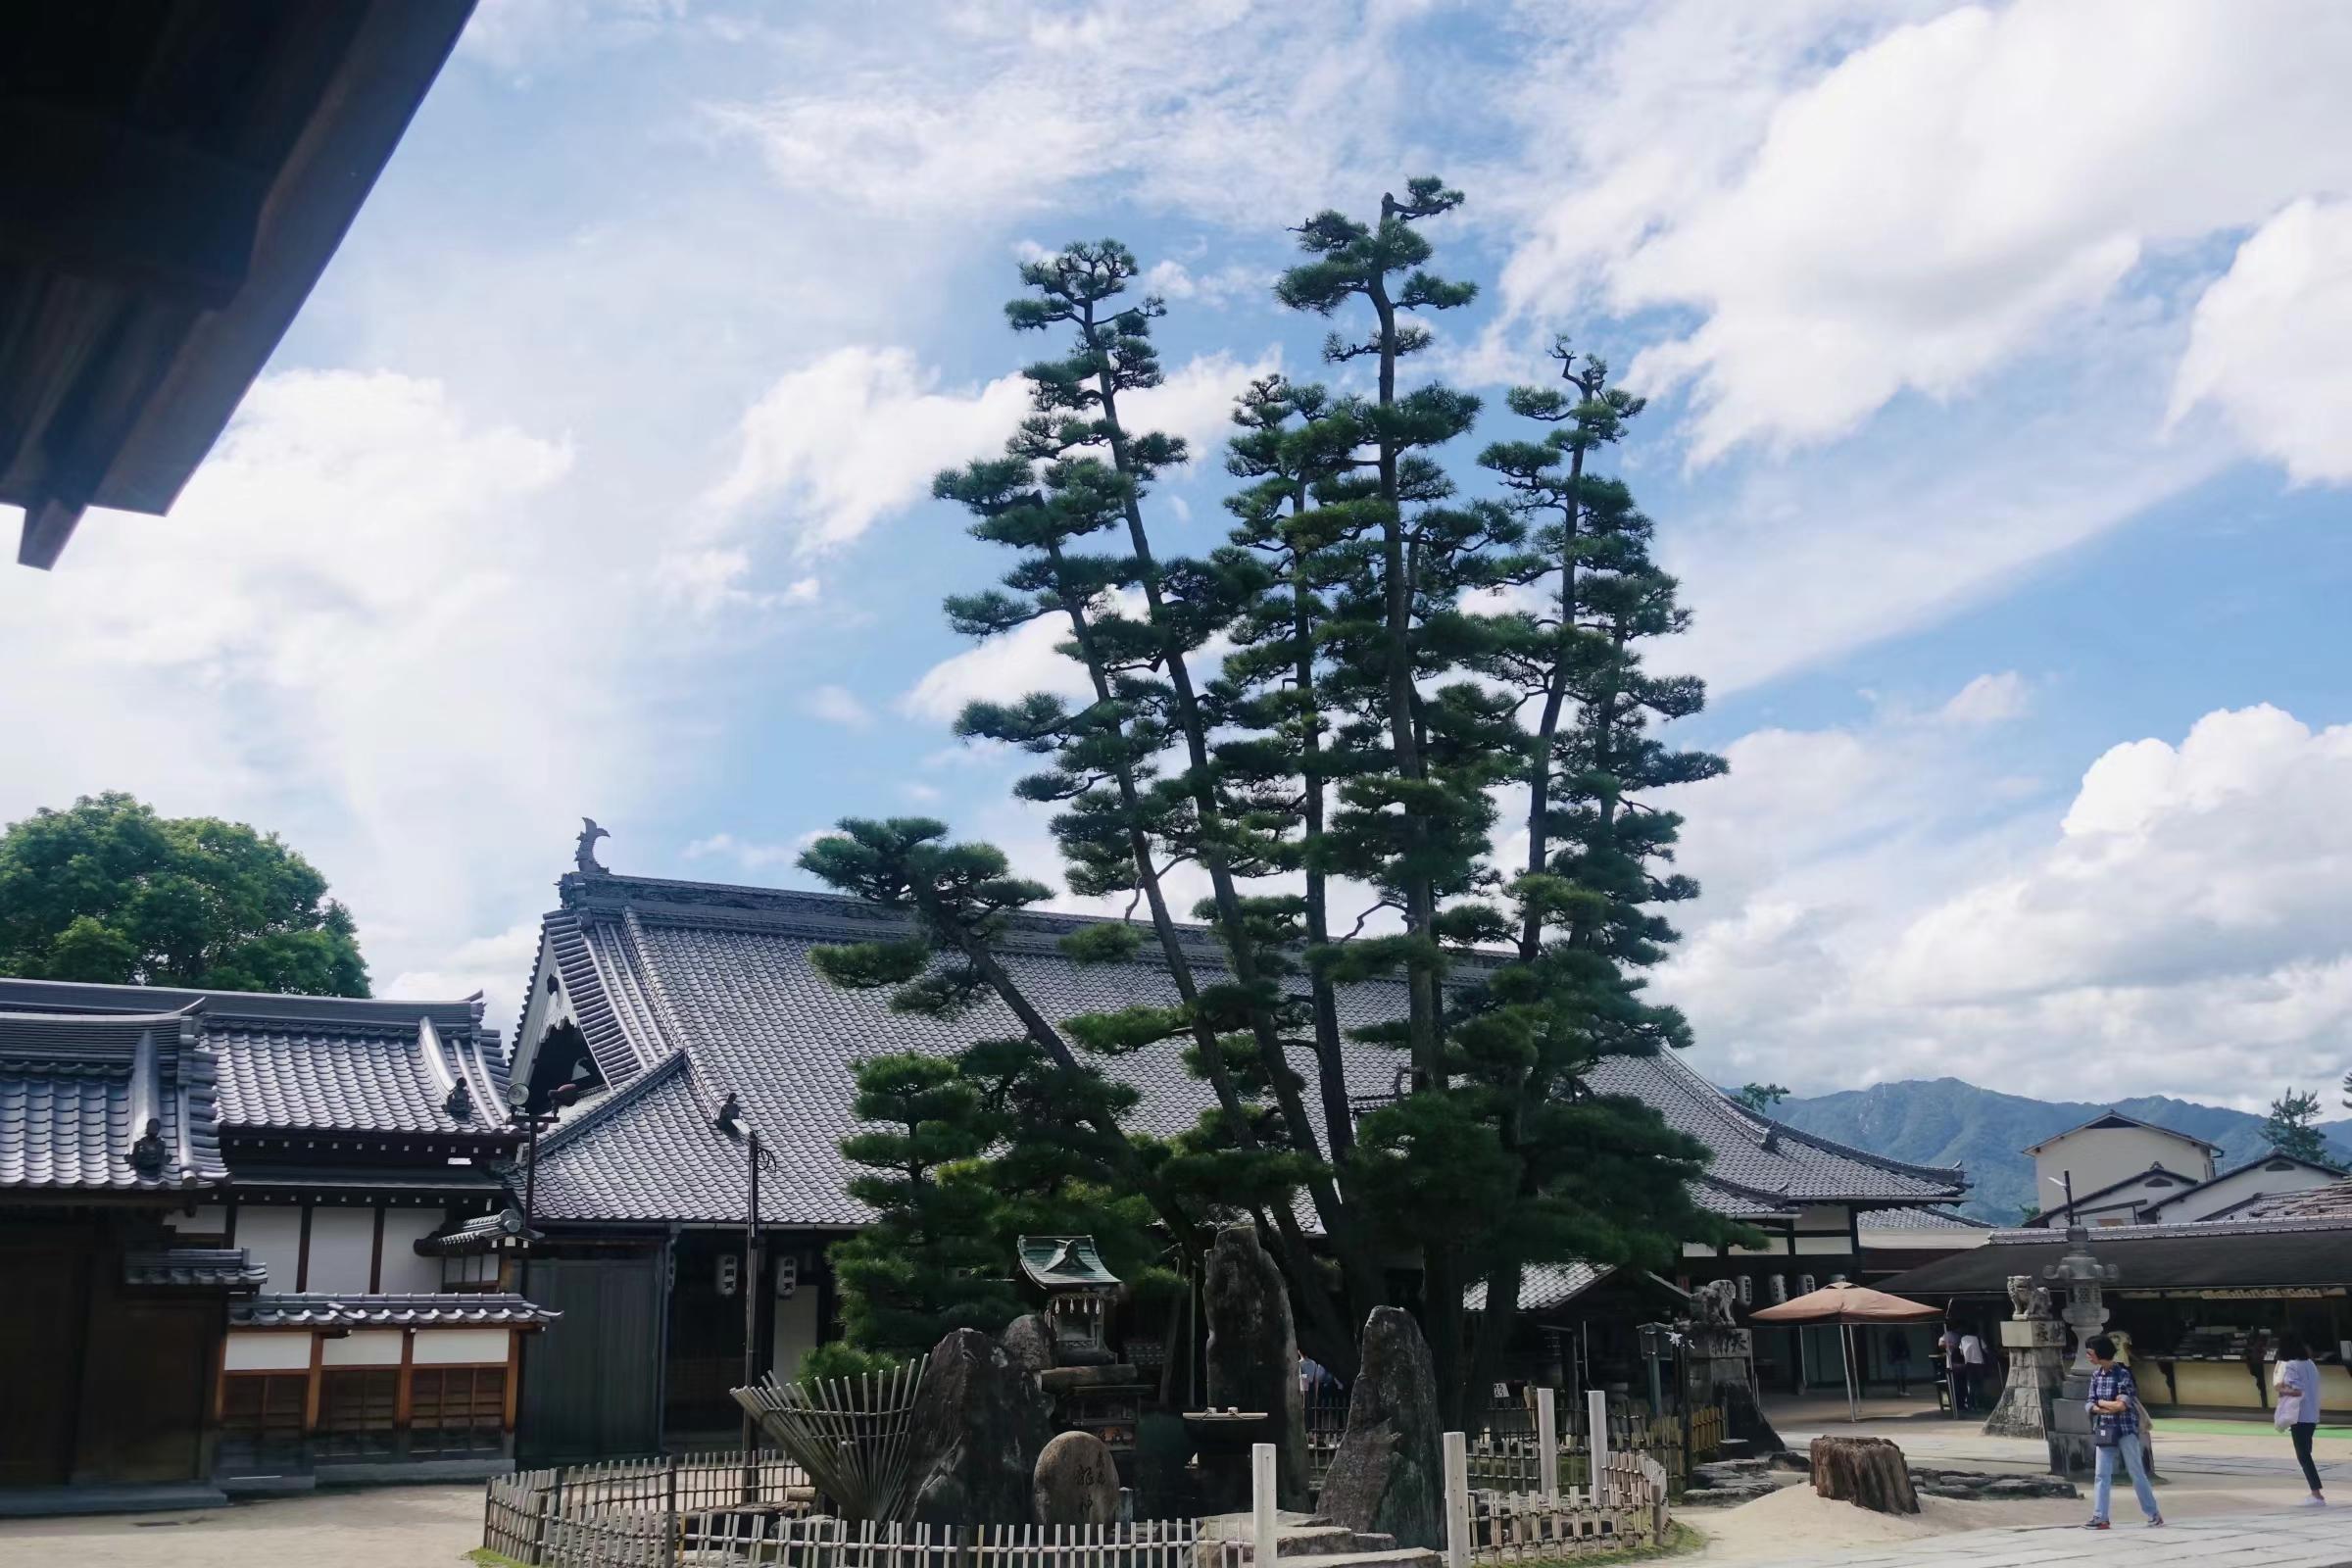 広島平和記念資料館-中島町-中区-広島市-広島県-撮影:崔麗